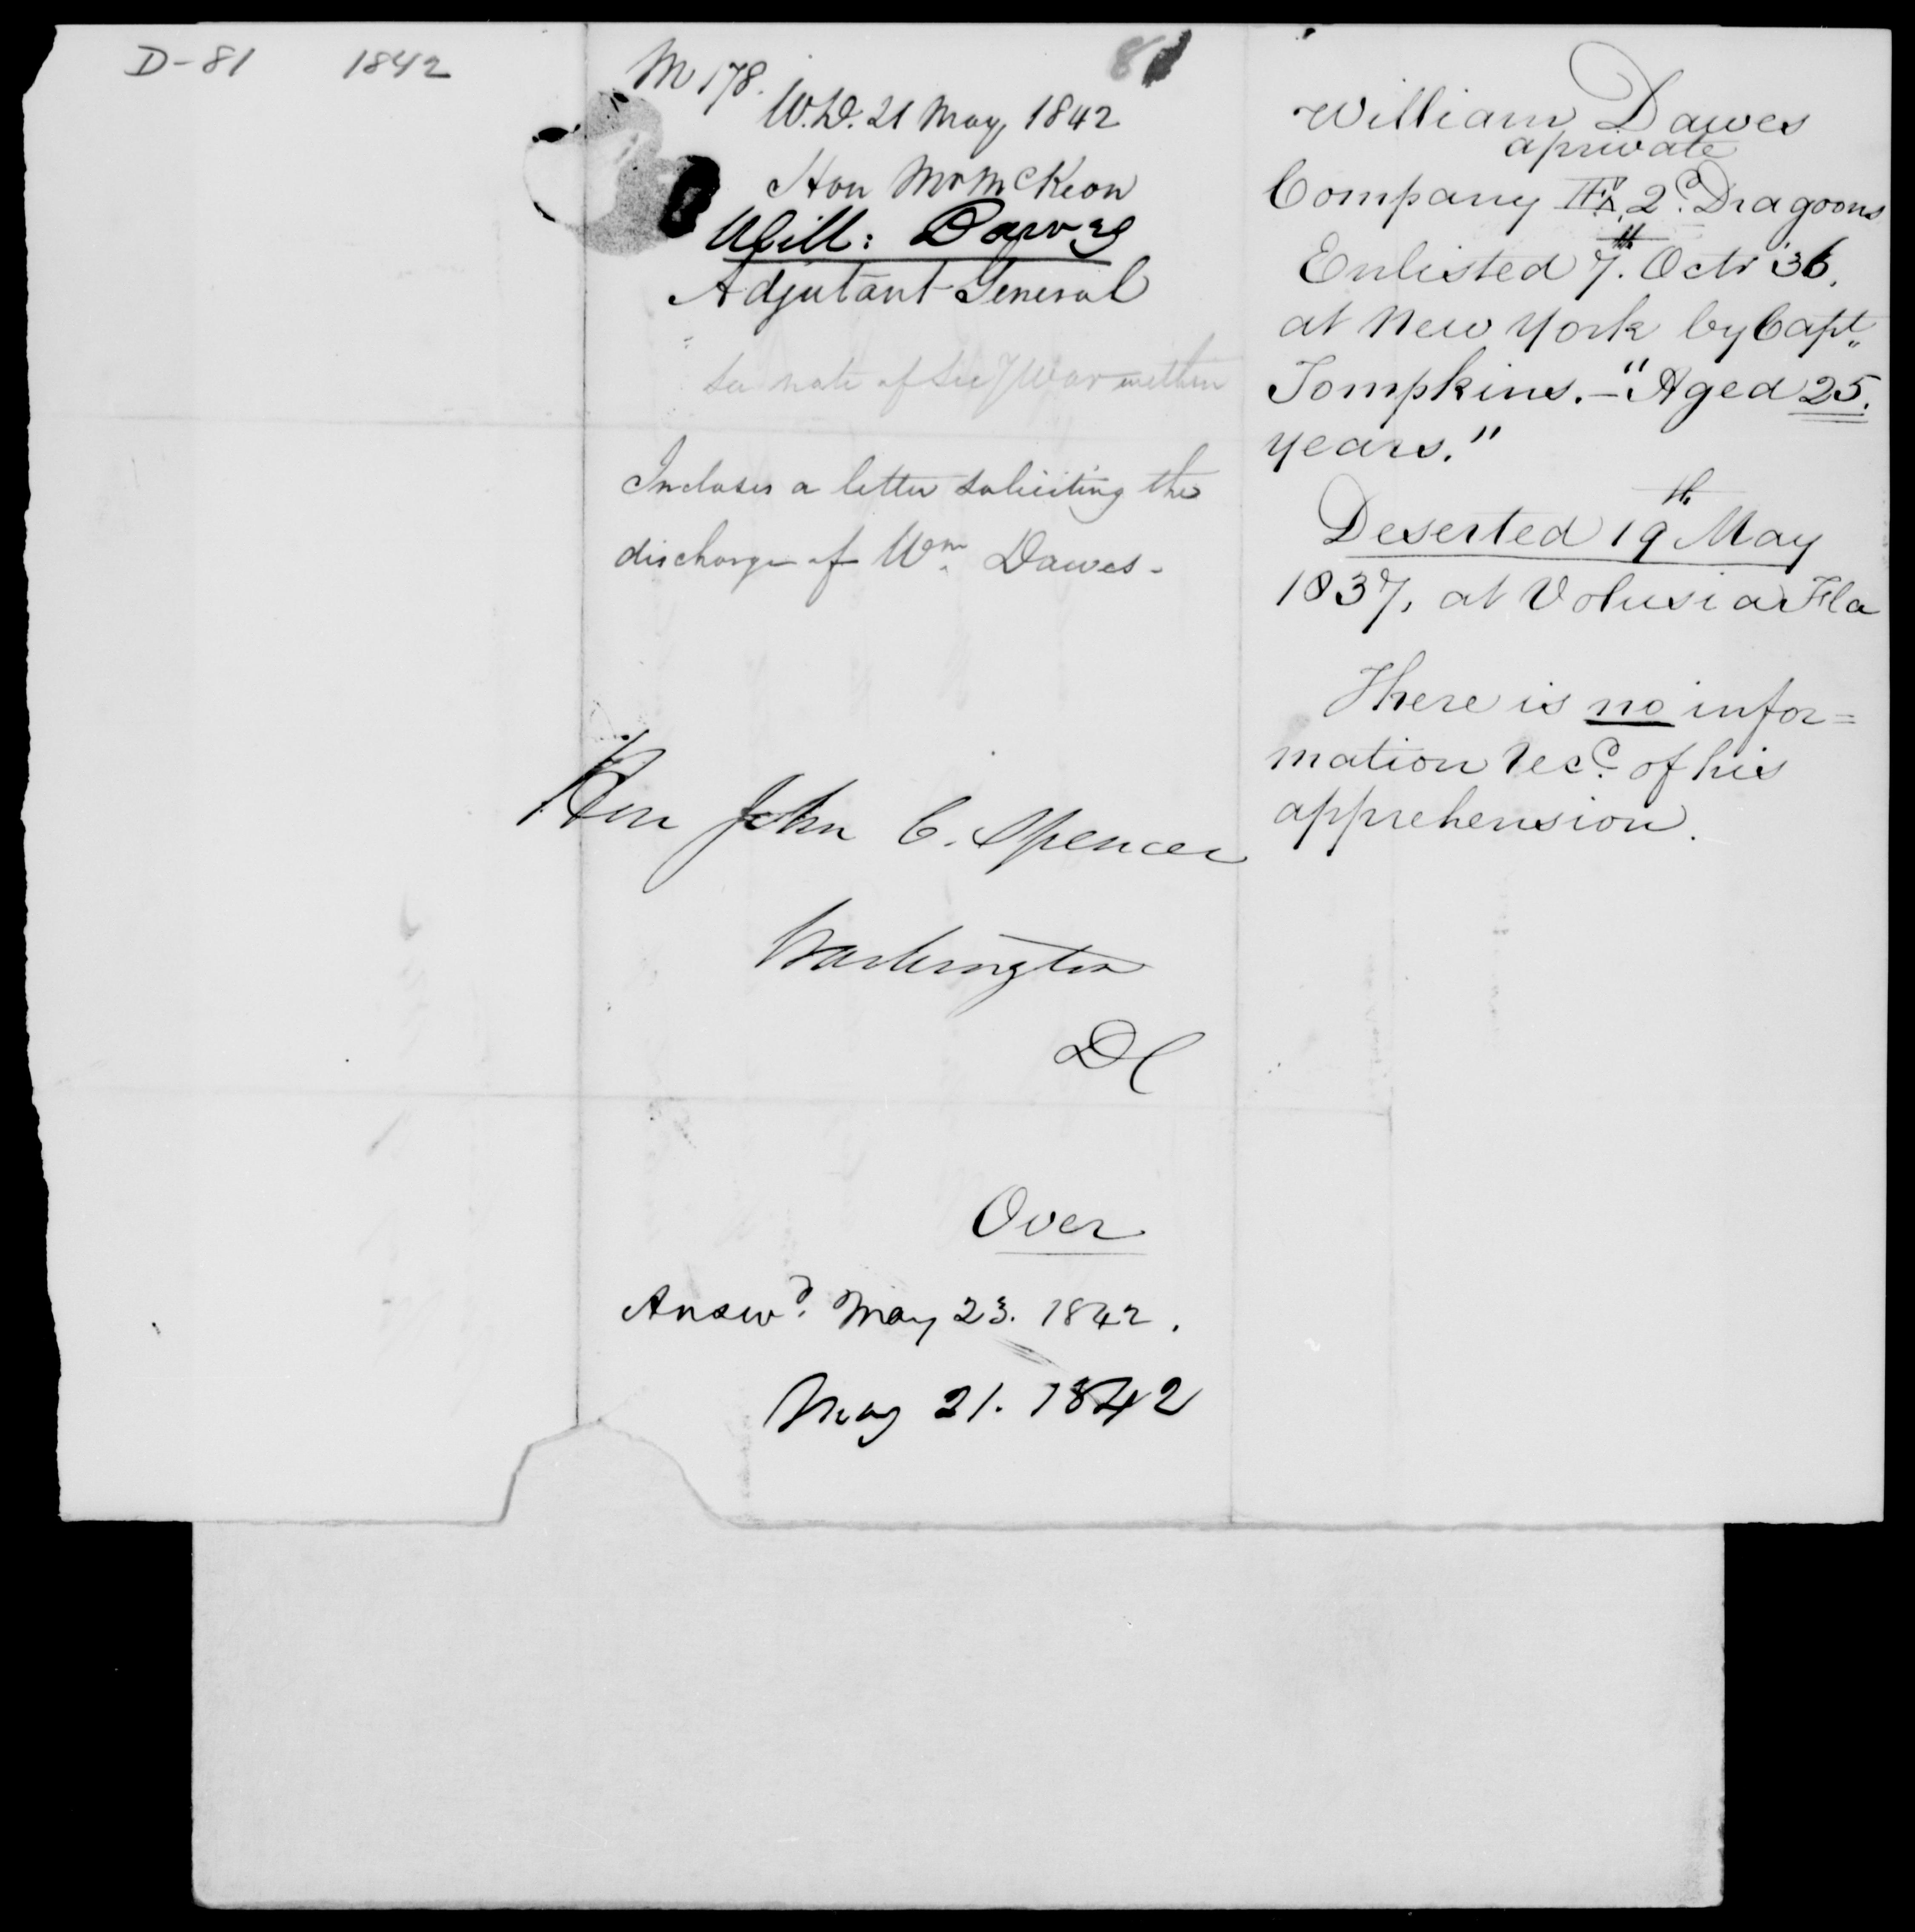 Danes, Will - 1842 - File No. D81